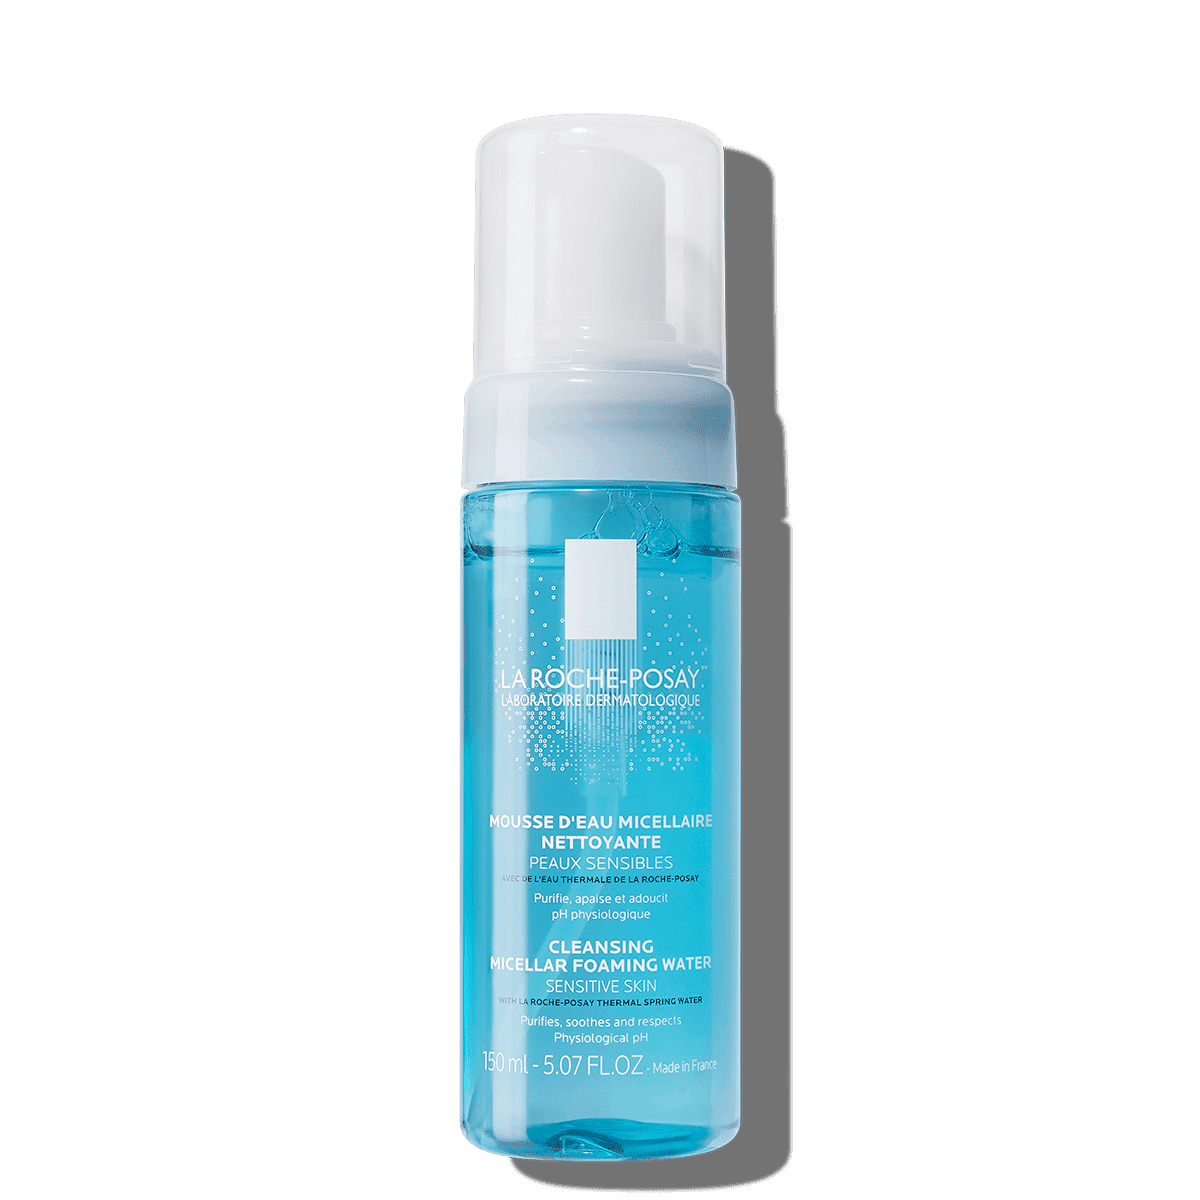 La Roche Posay StránkaProduktu Fyziologická čisticí péče na obličej Pěnivá voda 1